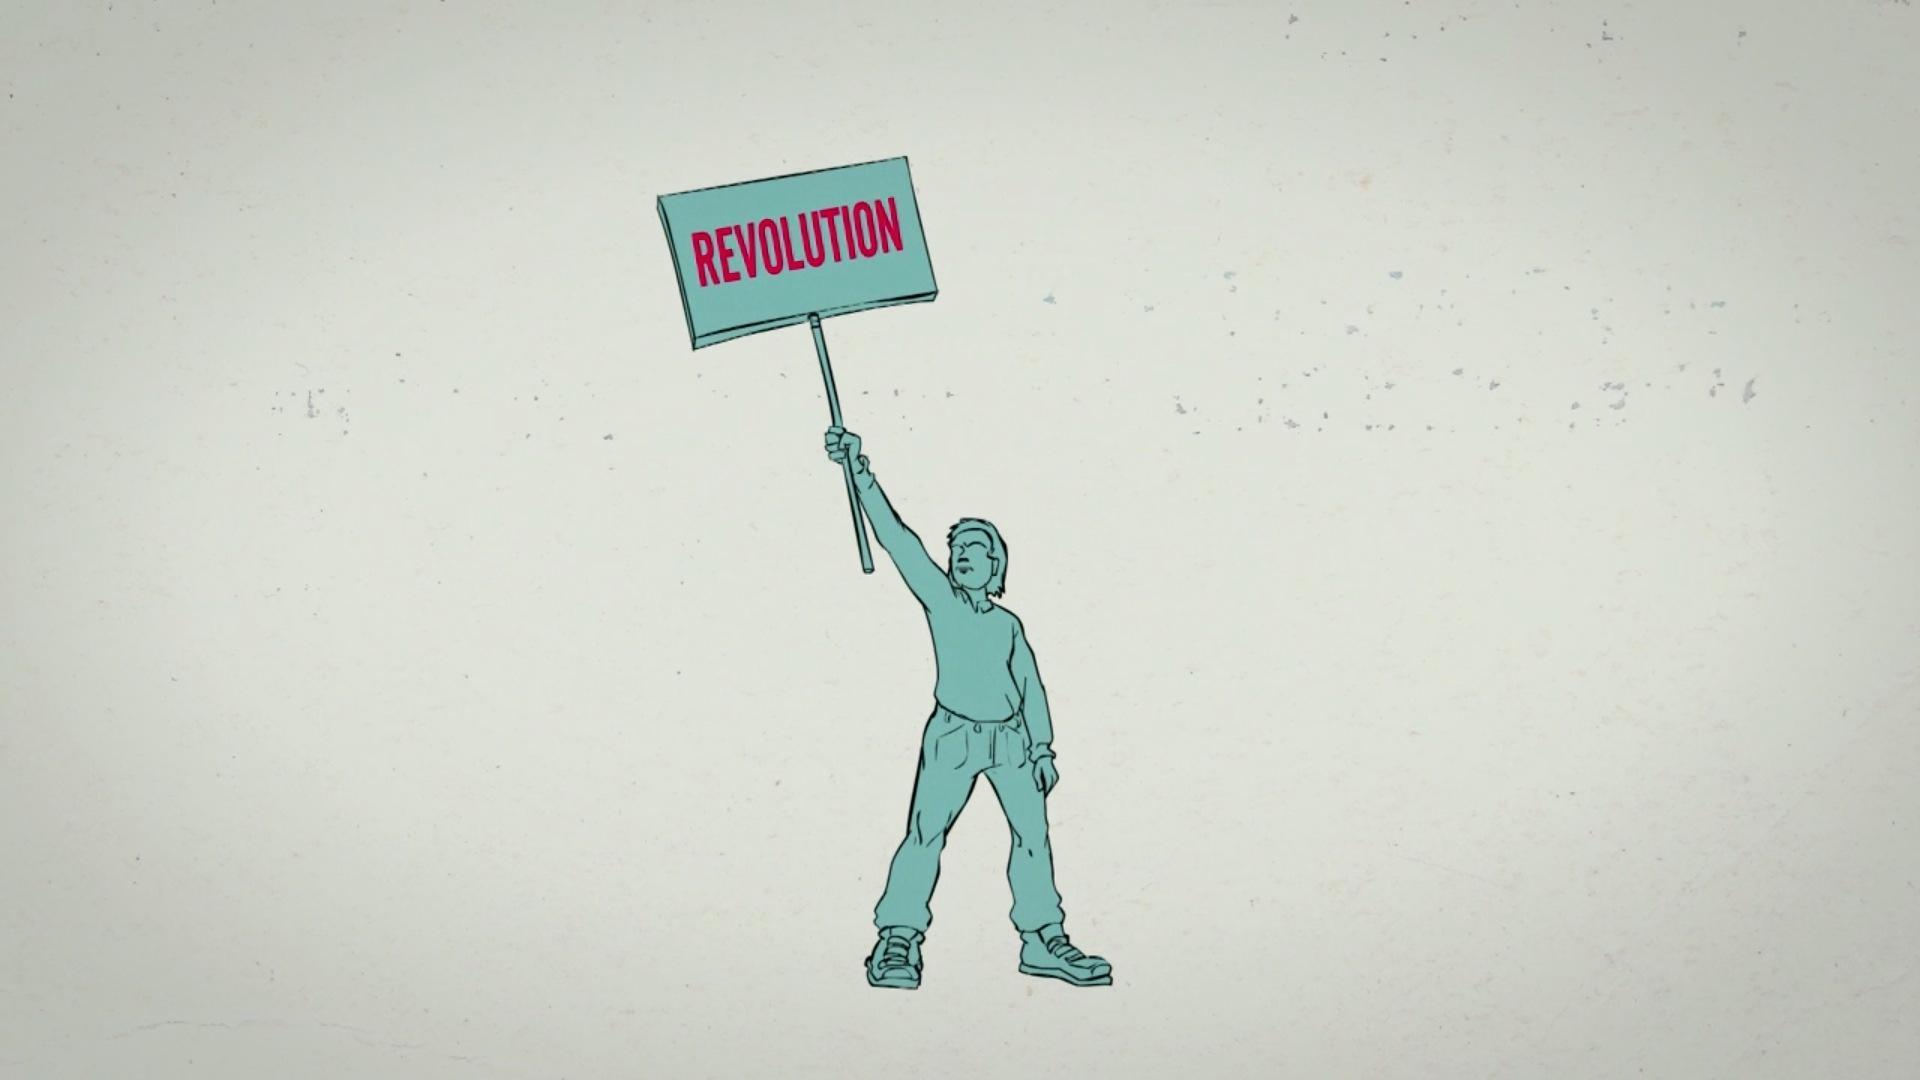 American Revolutionary: Defining Revolution